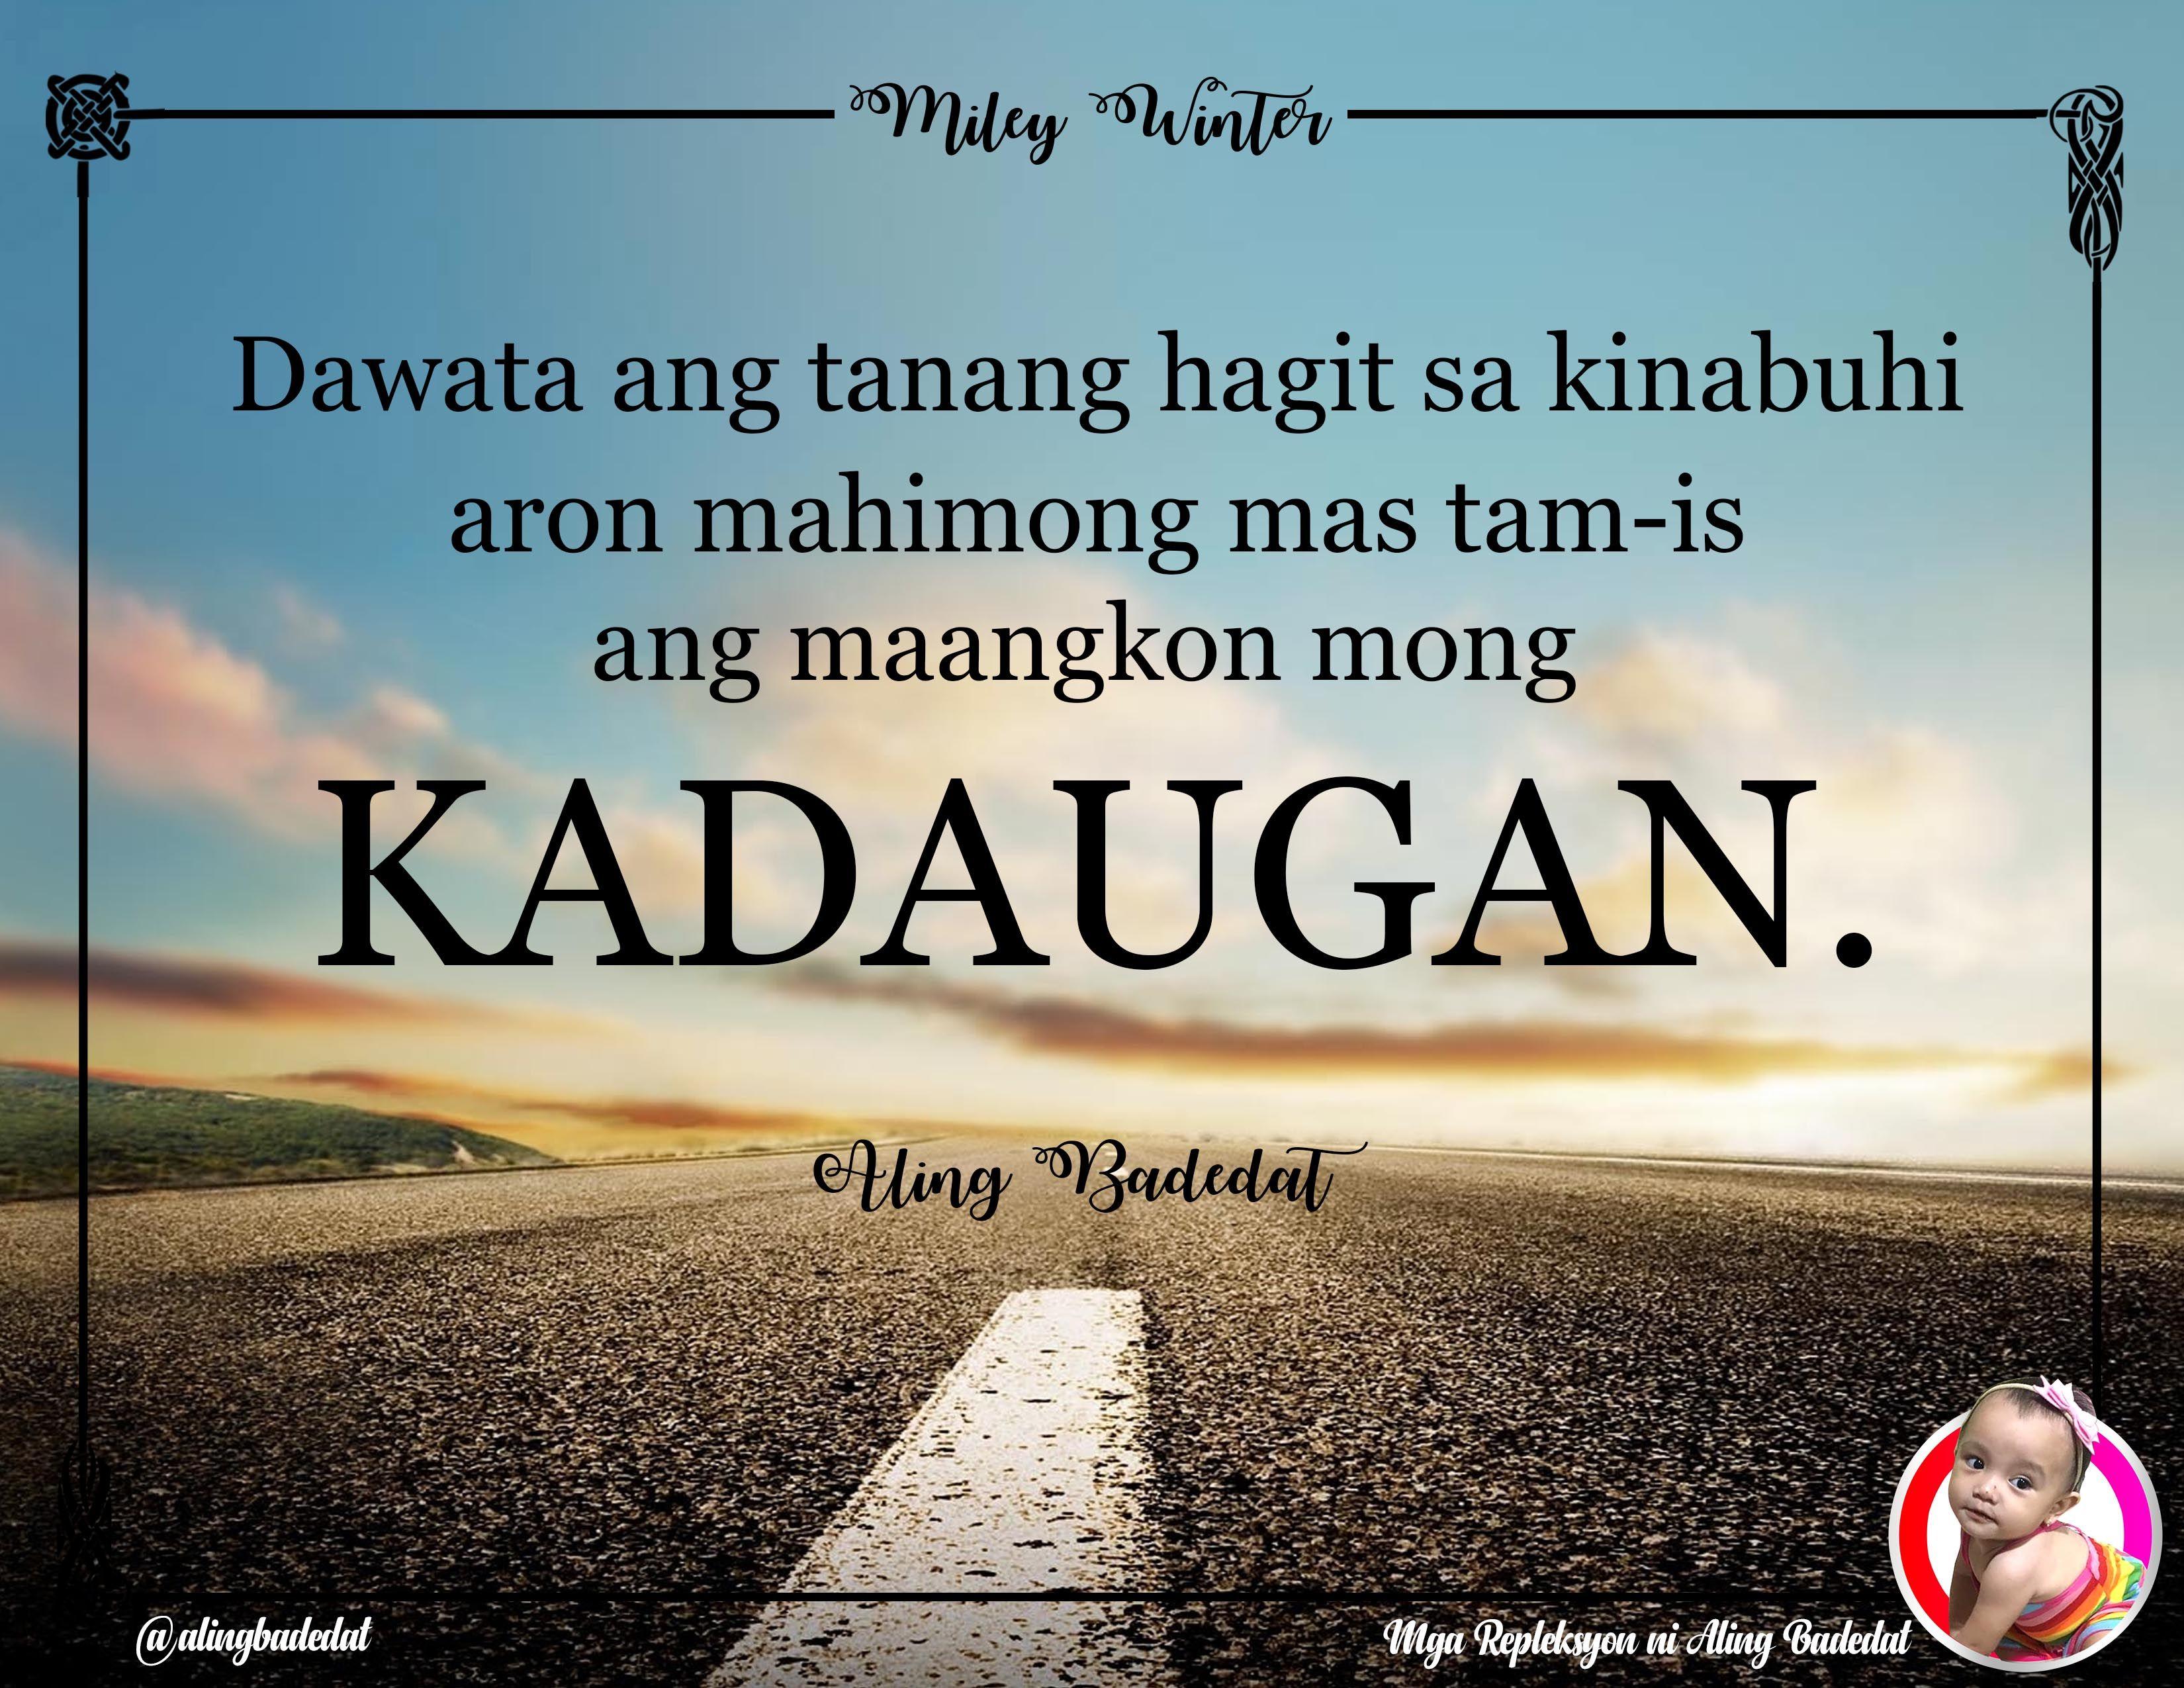 Kadaugan Bisaya Quotes Life Quotes Quotes